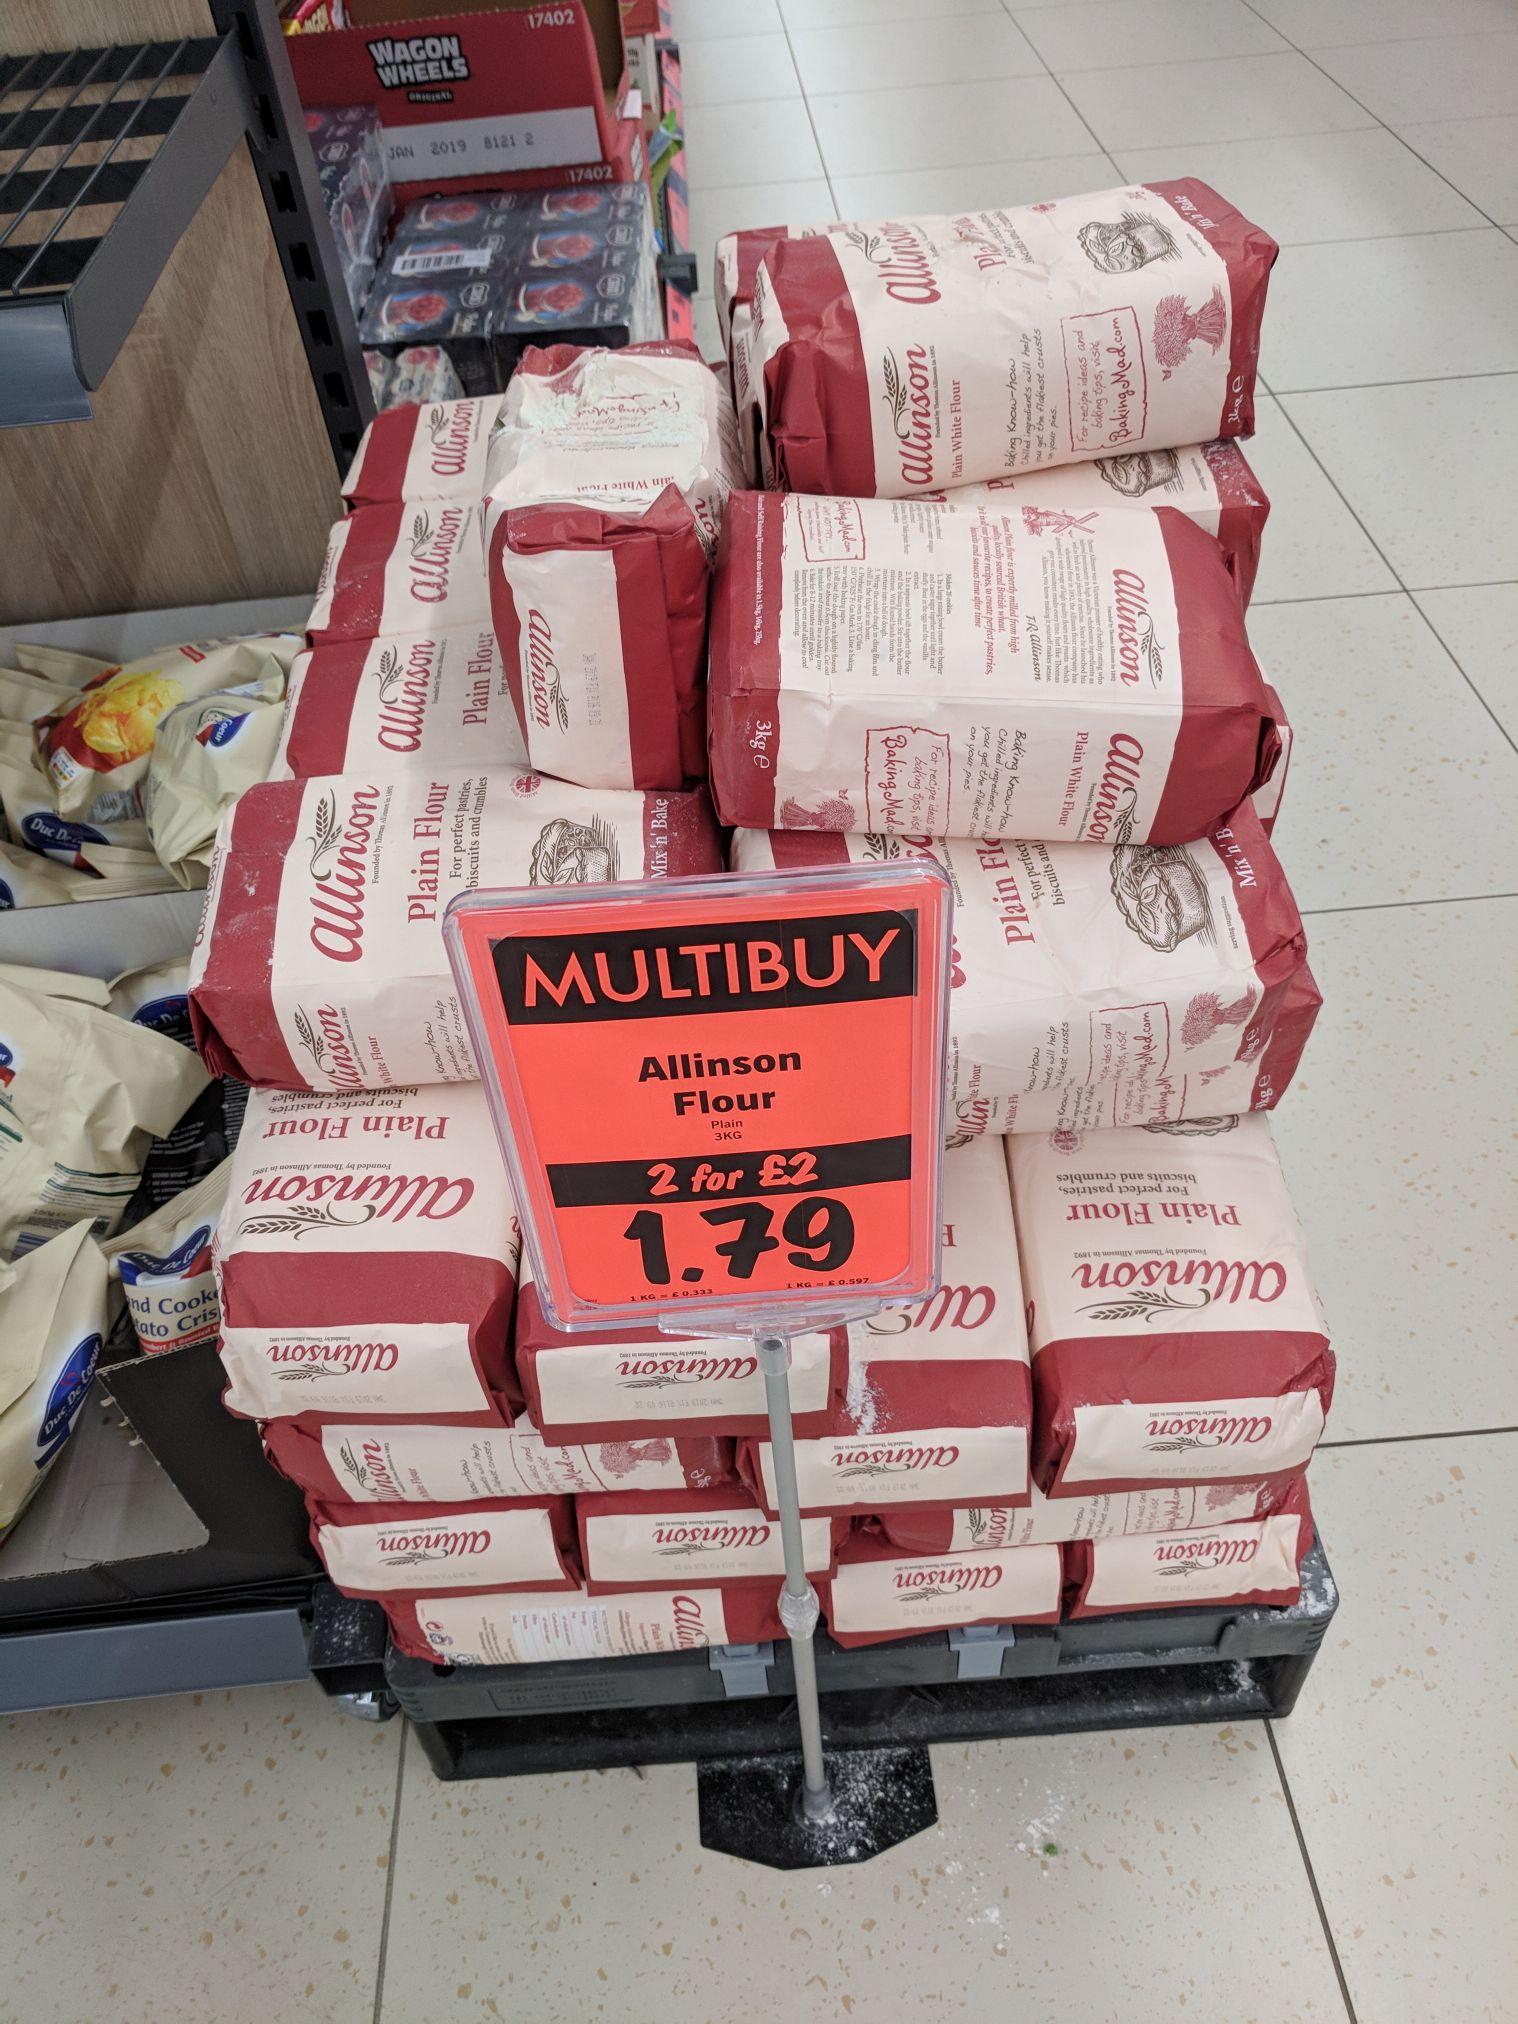 6kg Allinson plain flour £2 at Lidl